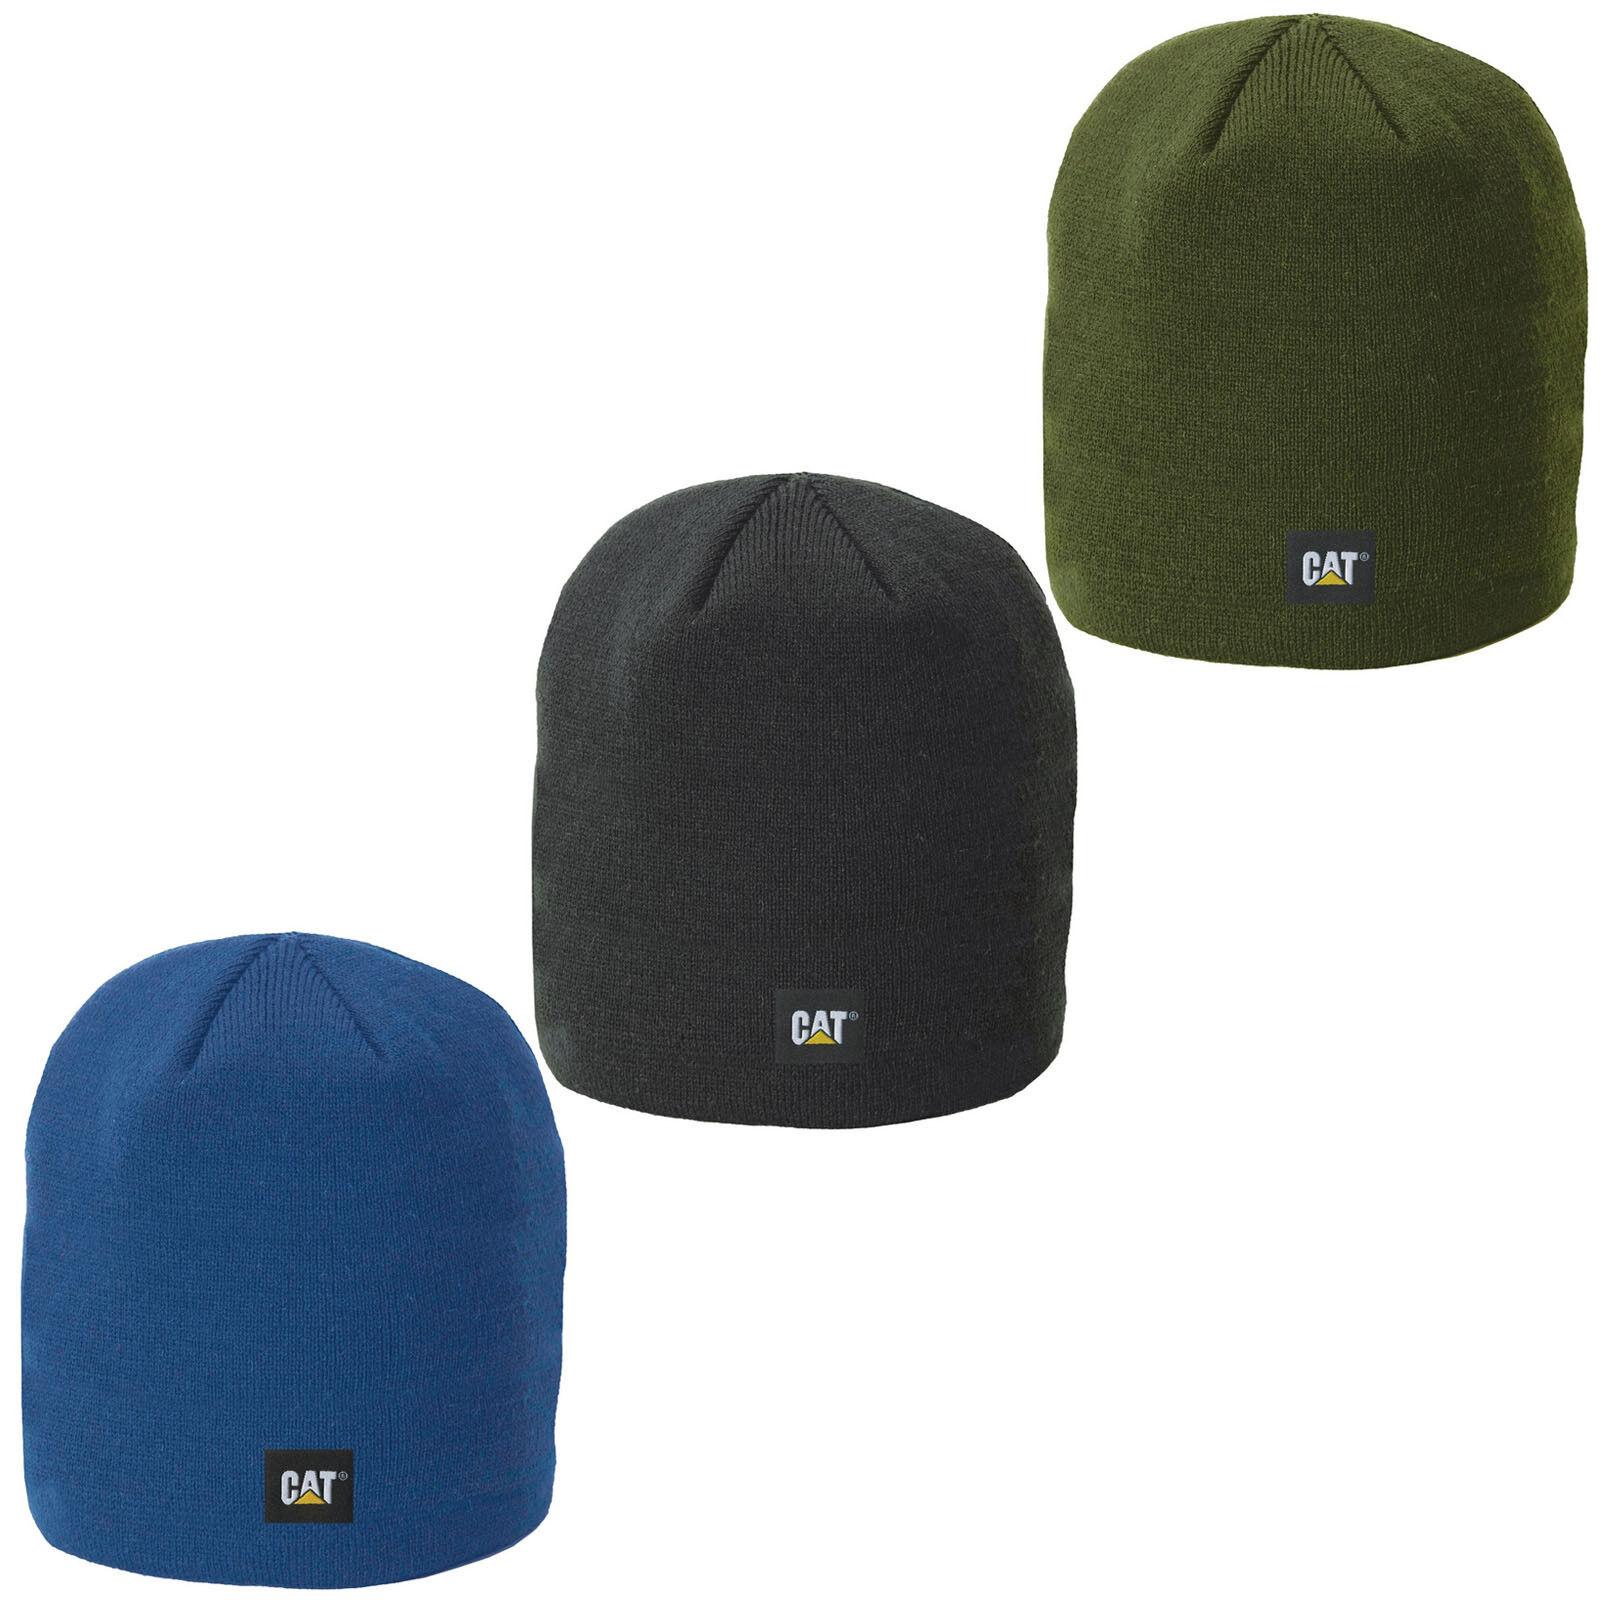 a6da63b04cd CAT Caterpillar Logo Knit Hat Winter Workwear Fashion Cap